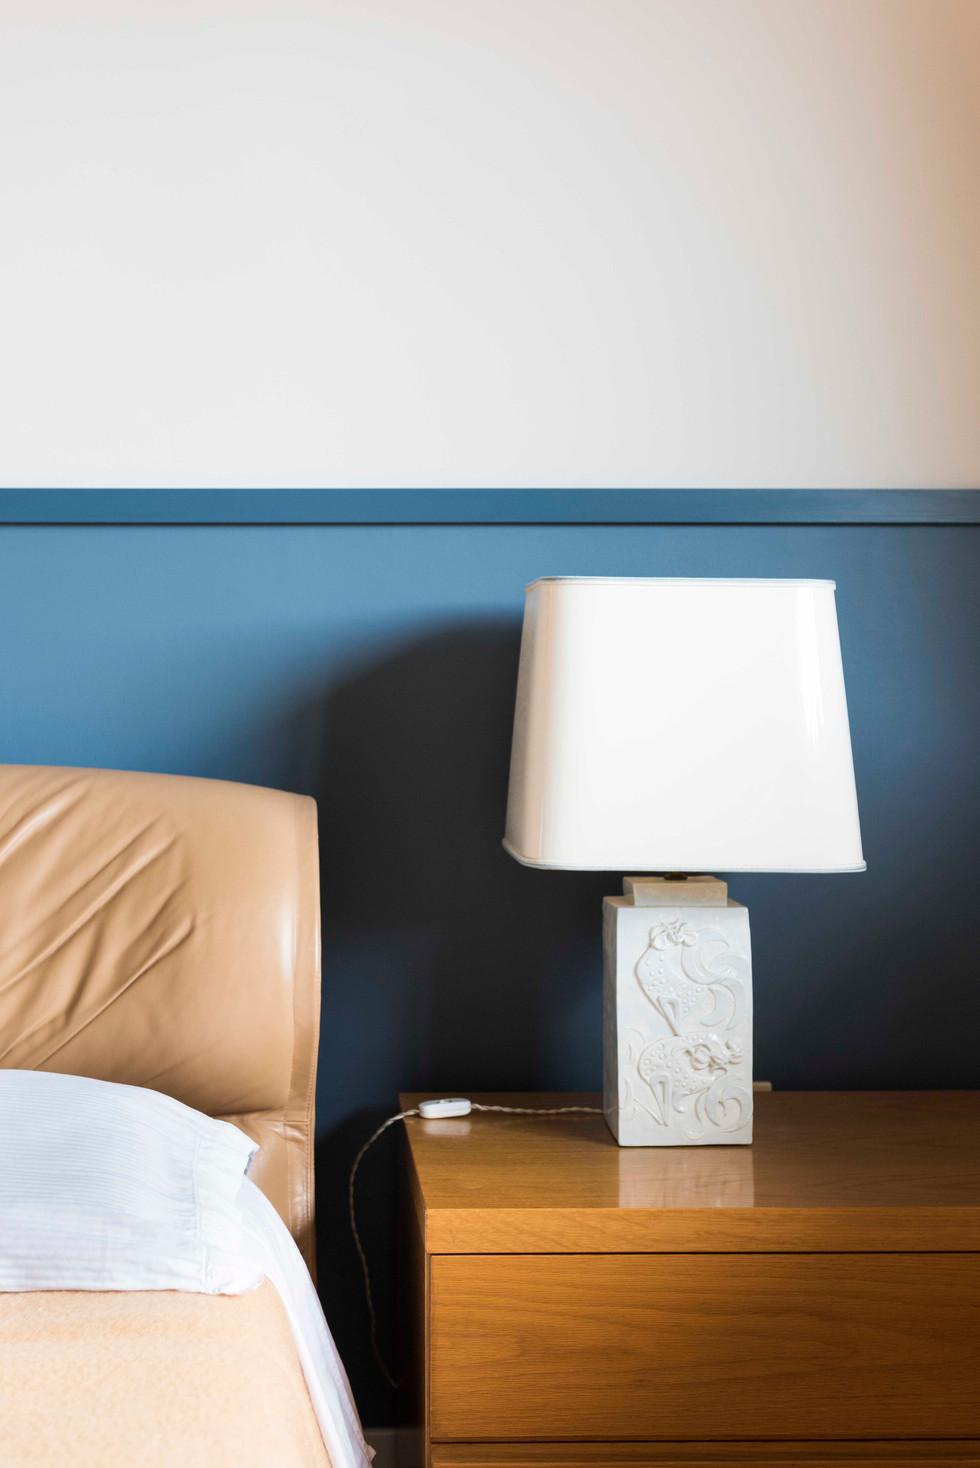 dettaglio camera da letto I bedroom detail